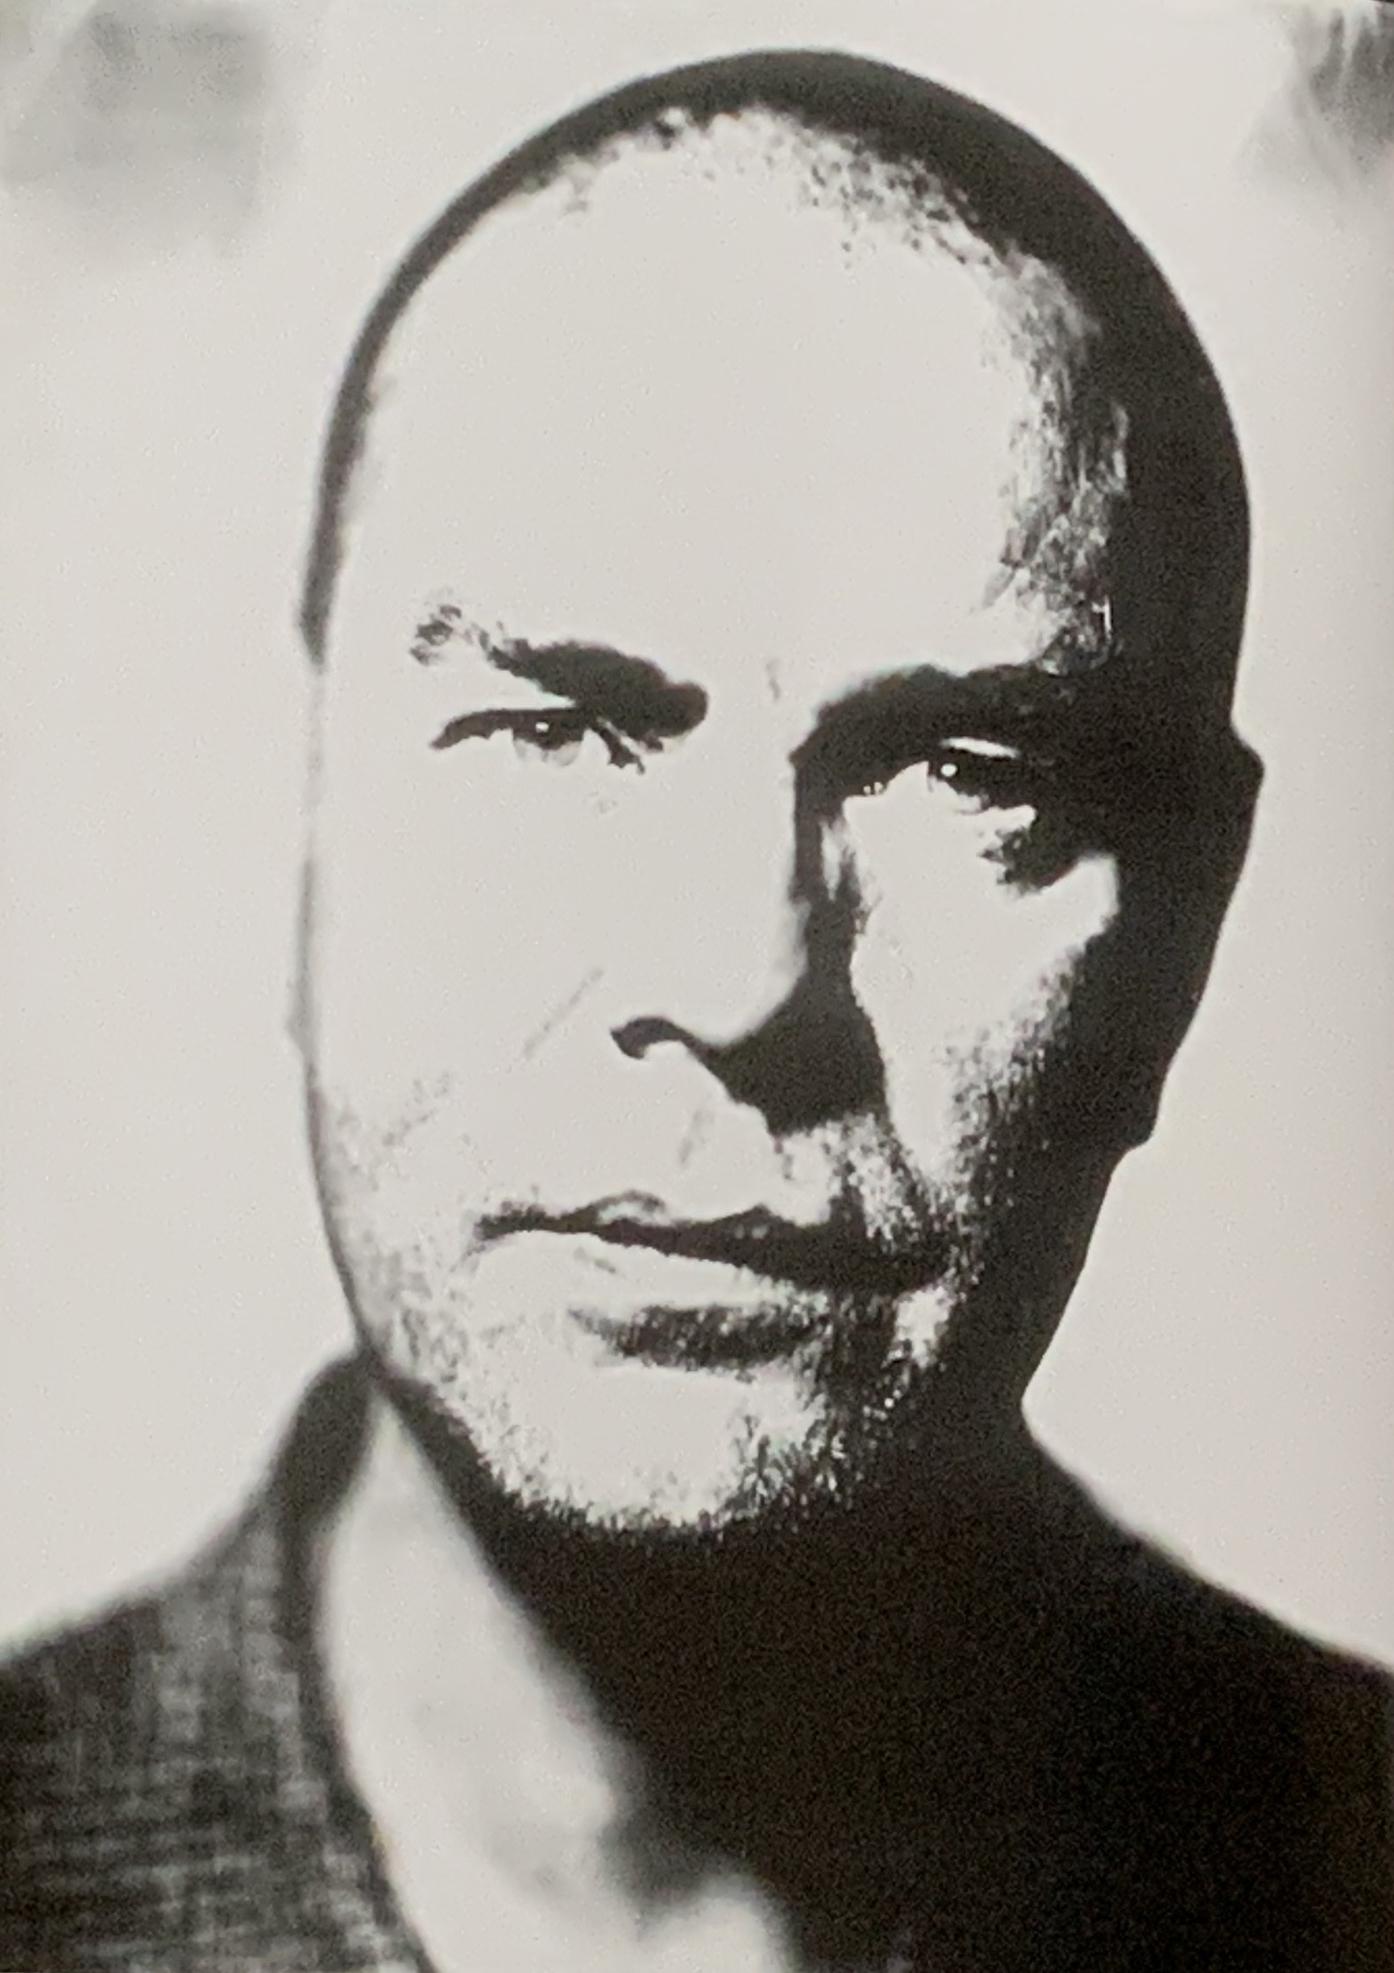 Vaughan Oliver portrait